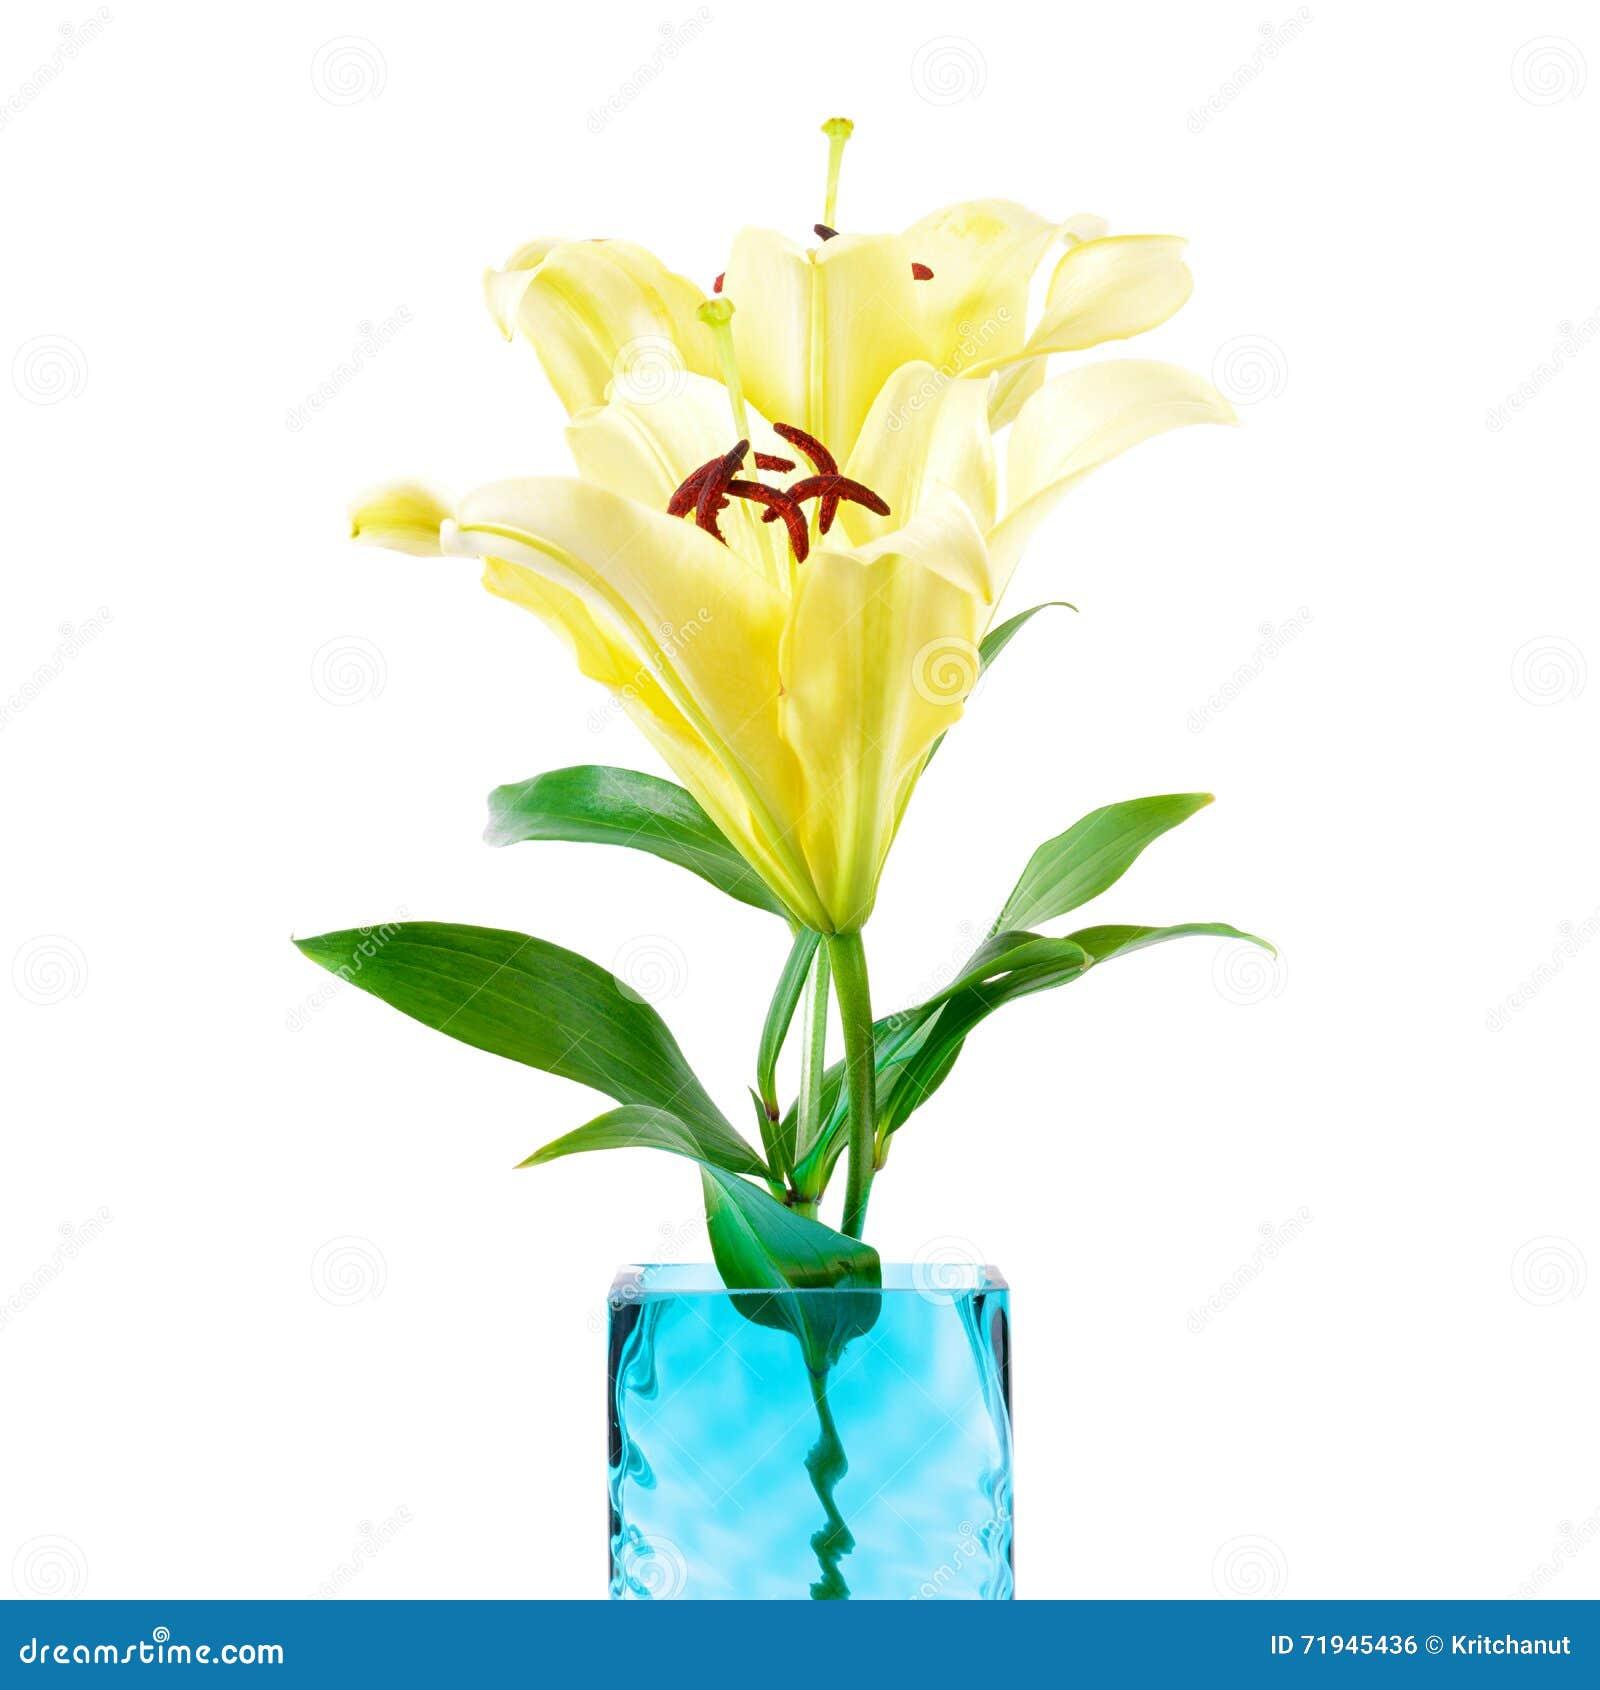 Мягкие желтые цветки лилии в квадратной вазе